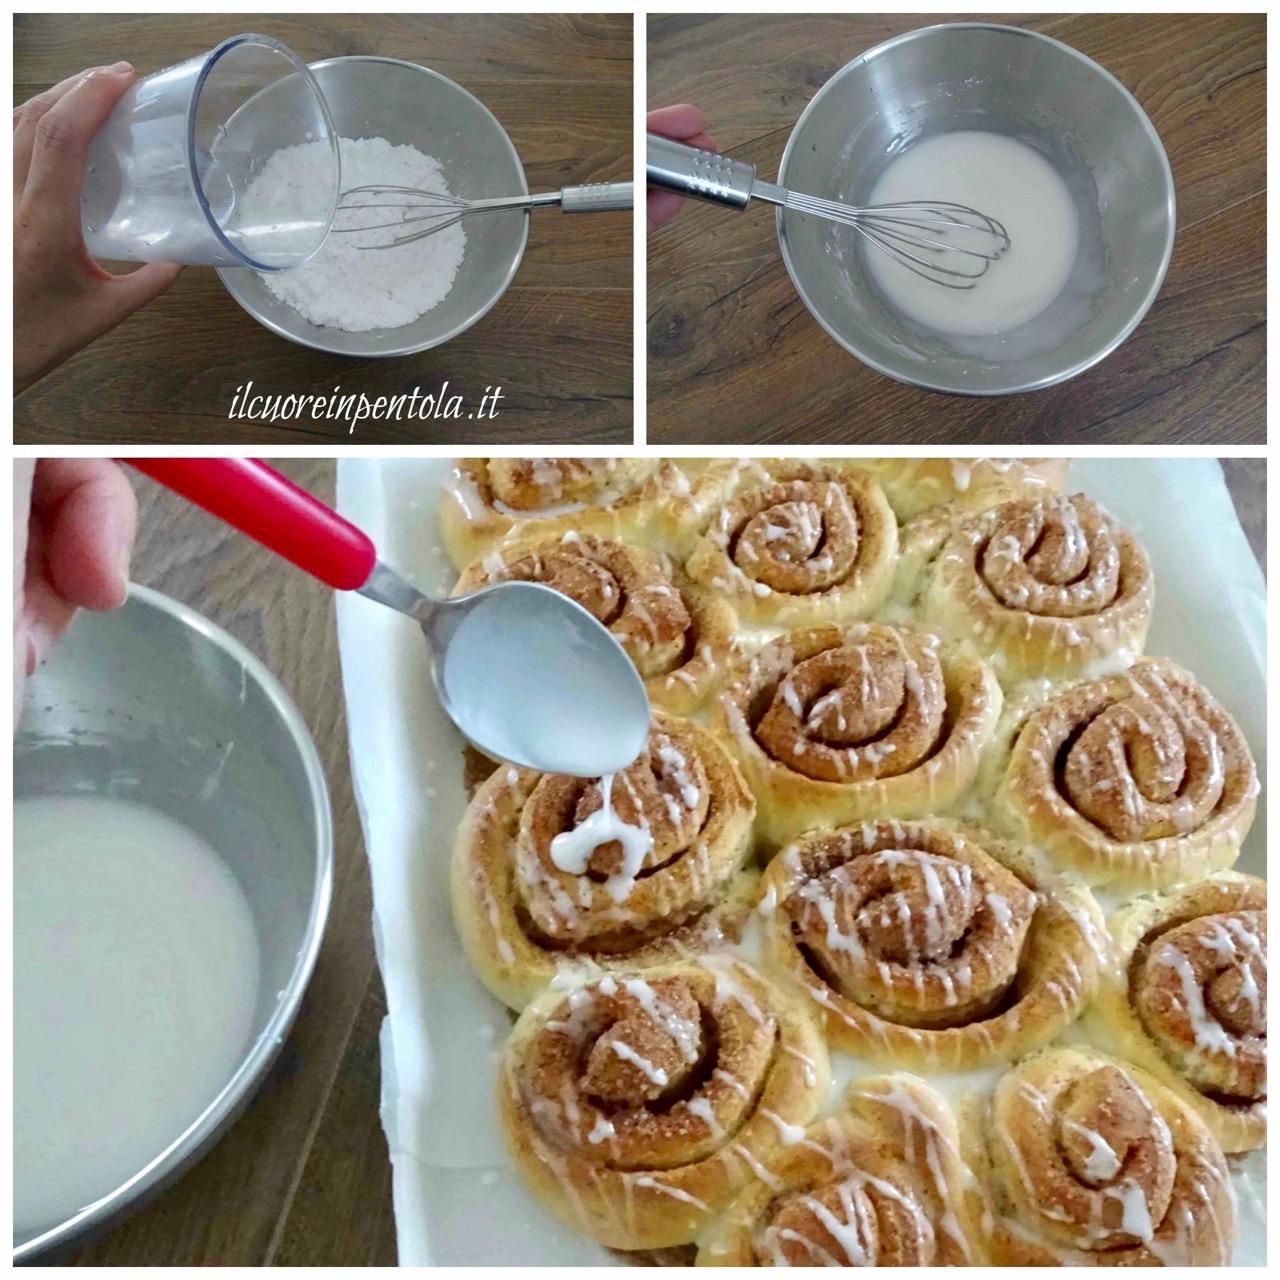 distribuire glassa di zucchero